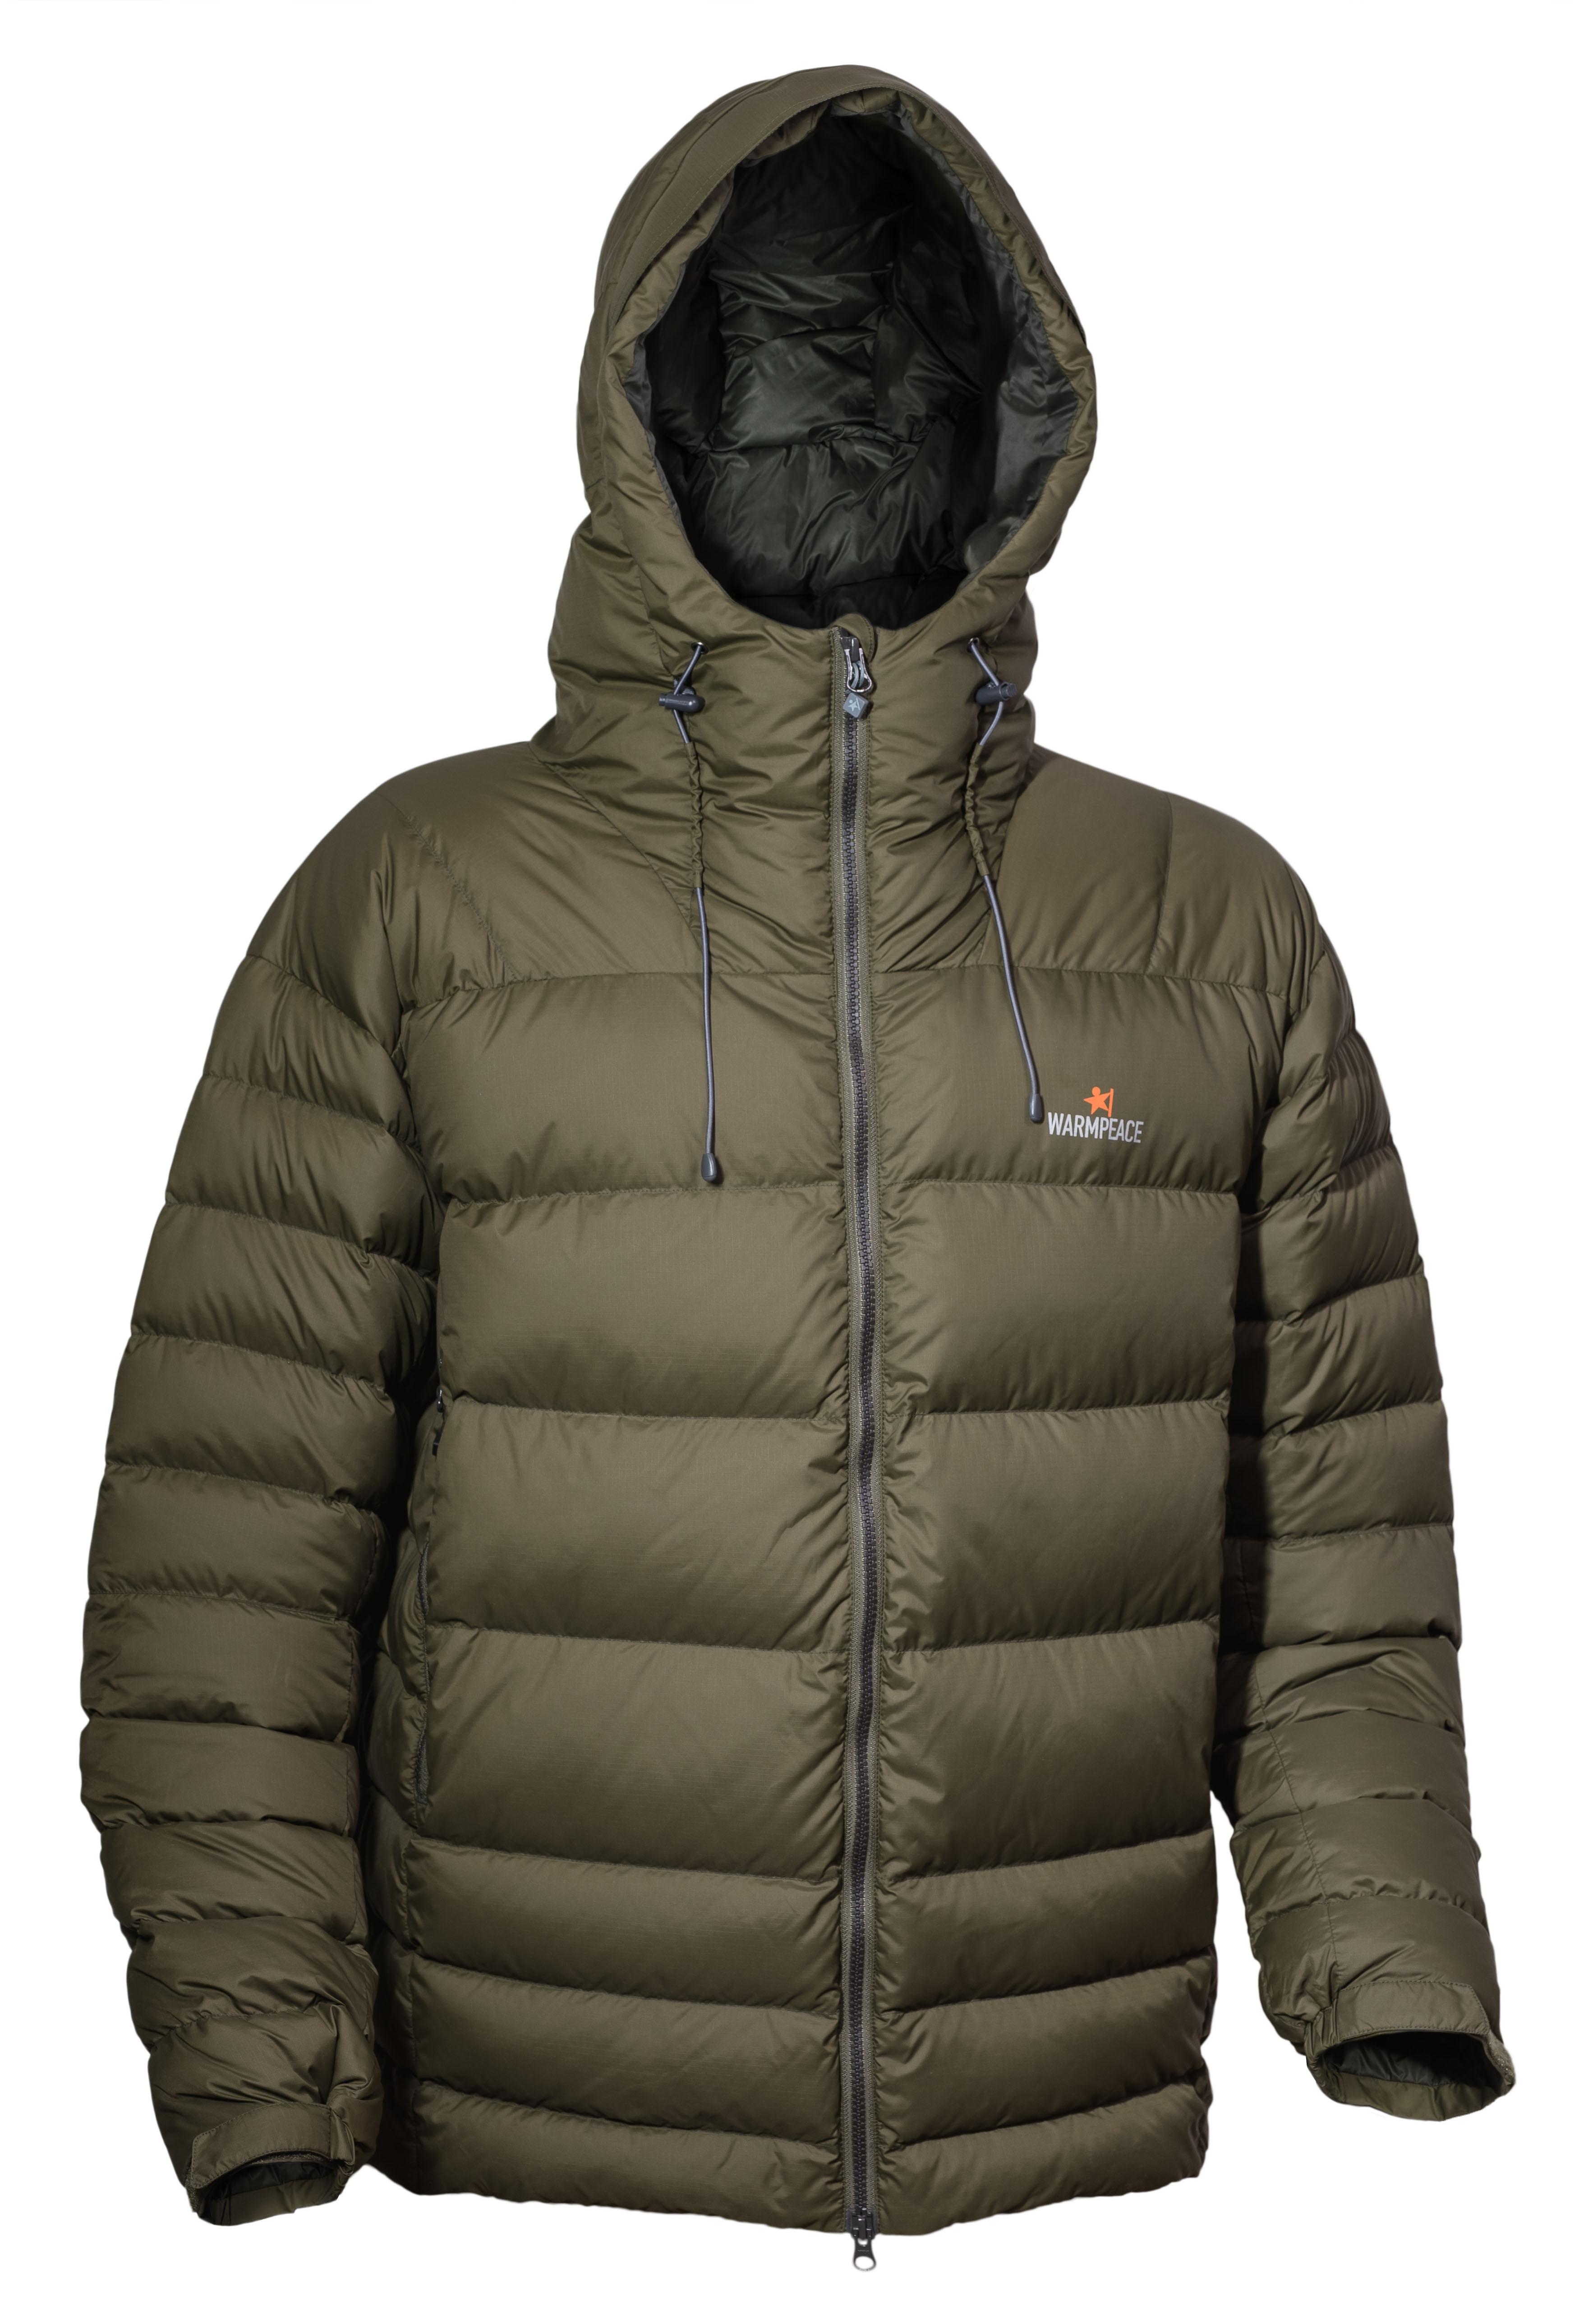 4377 Alaskan jacket olive green-olive